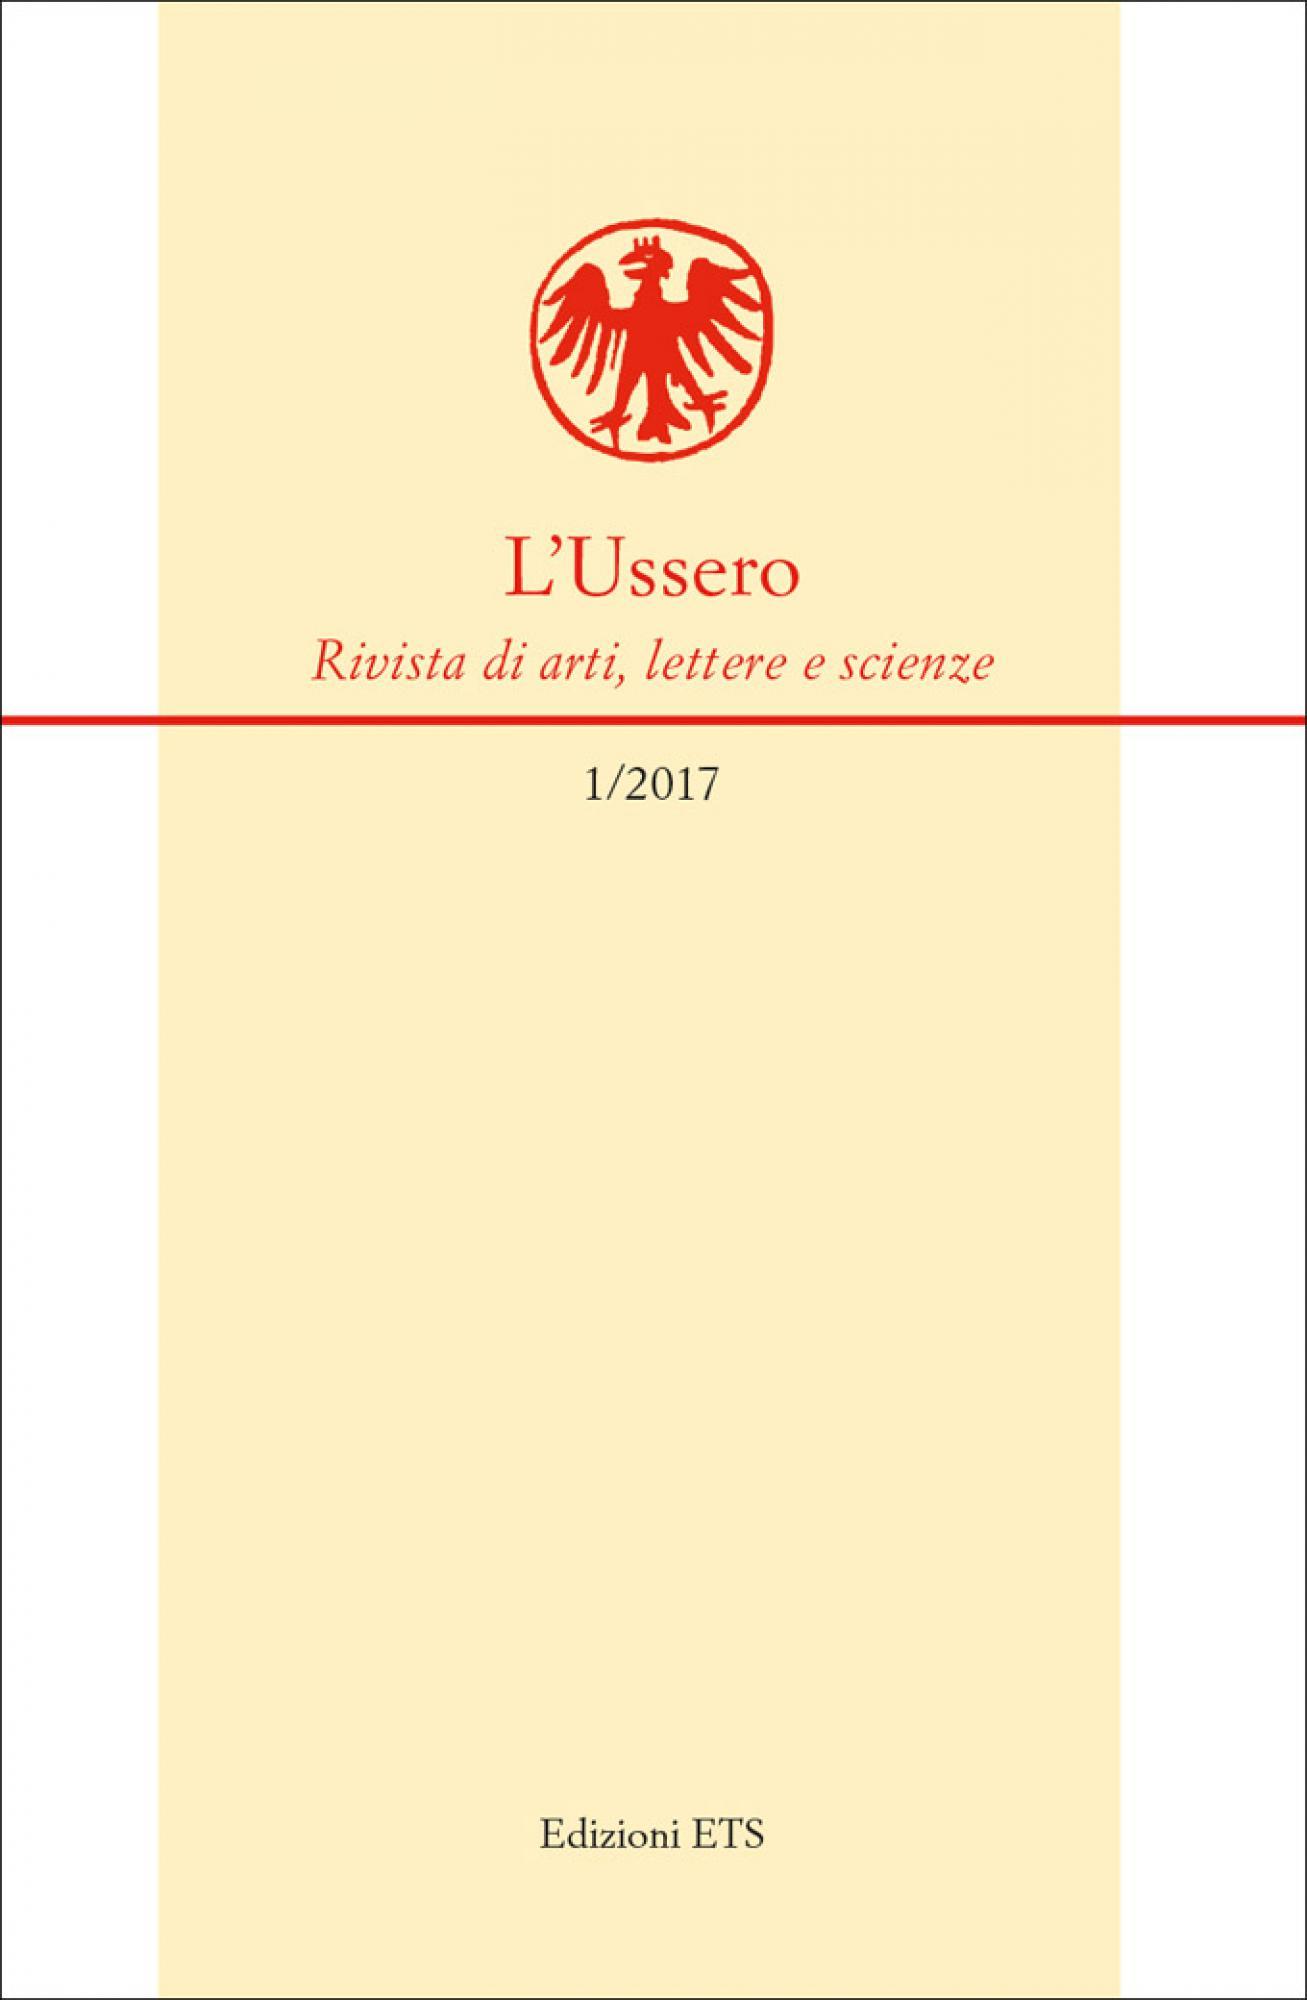 L'Ussero.Rivista di arti, lettere e scienze (1/2017)